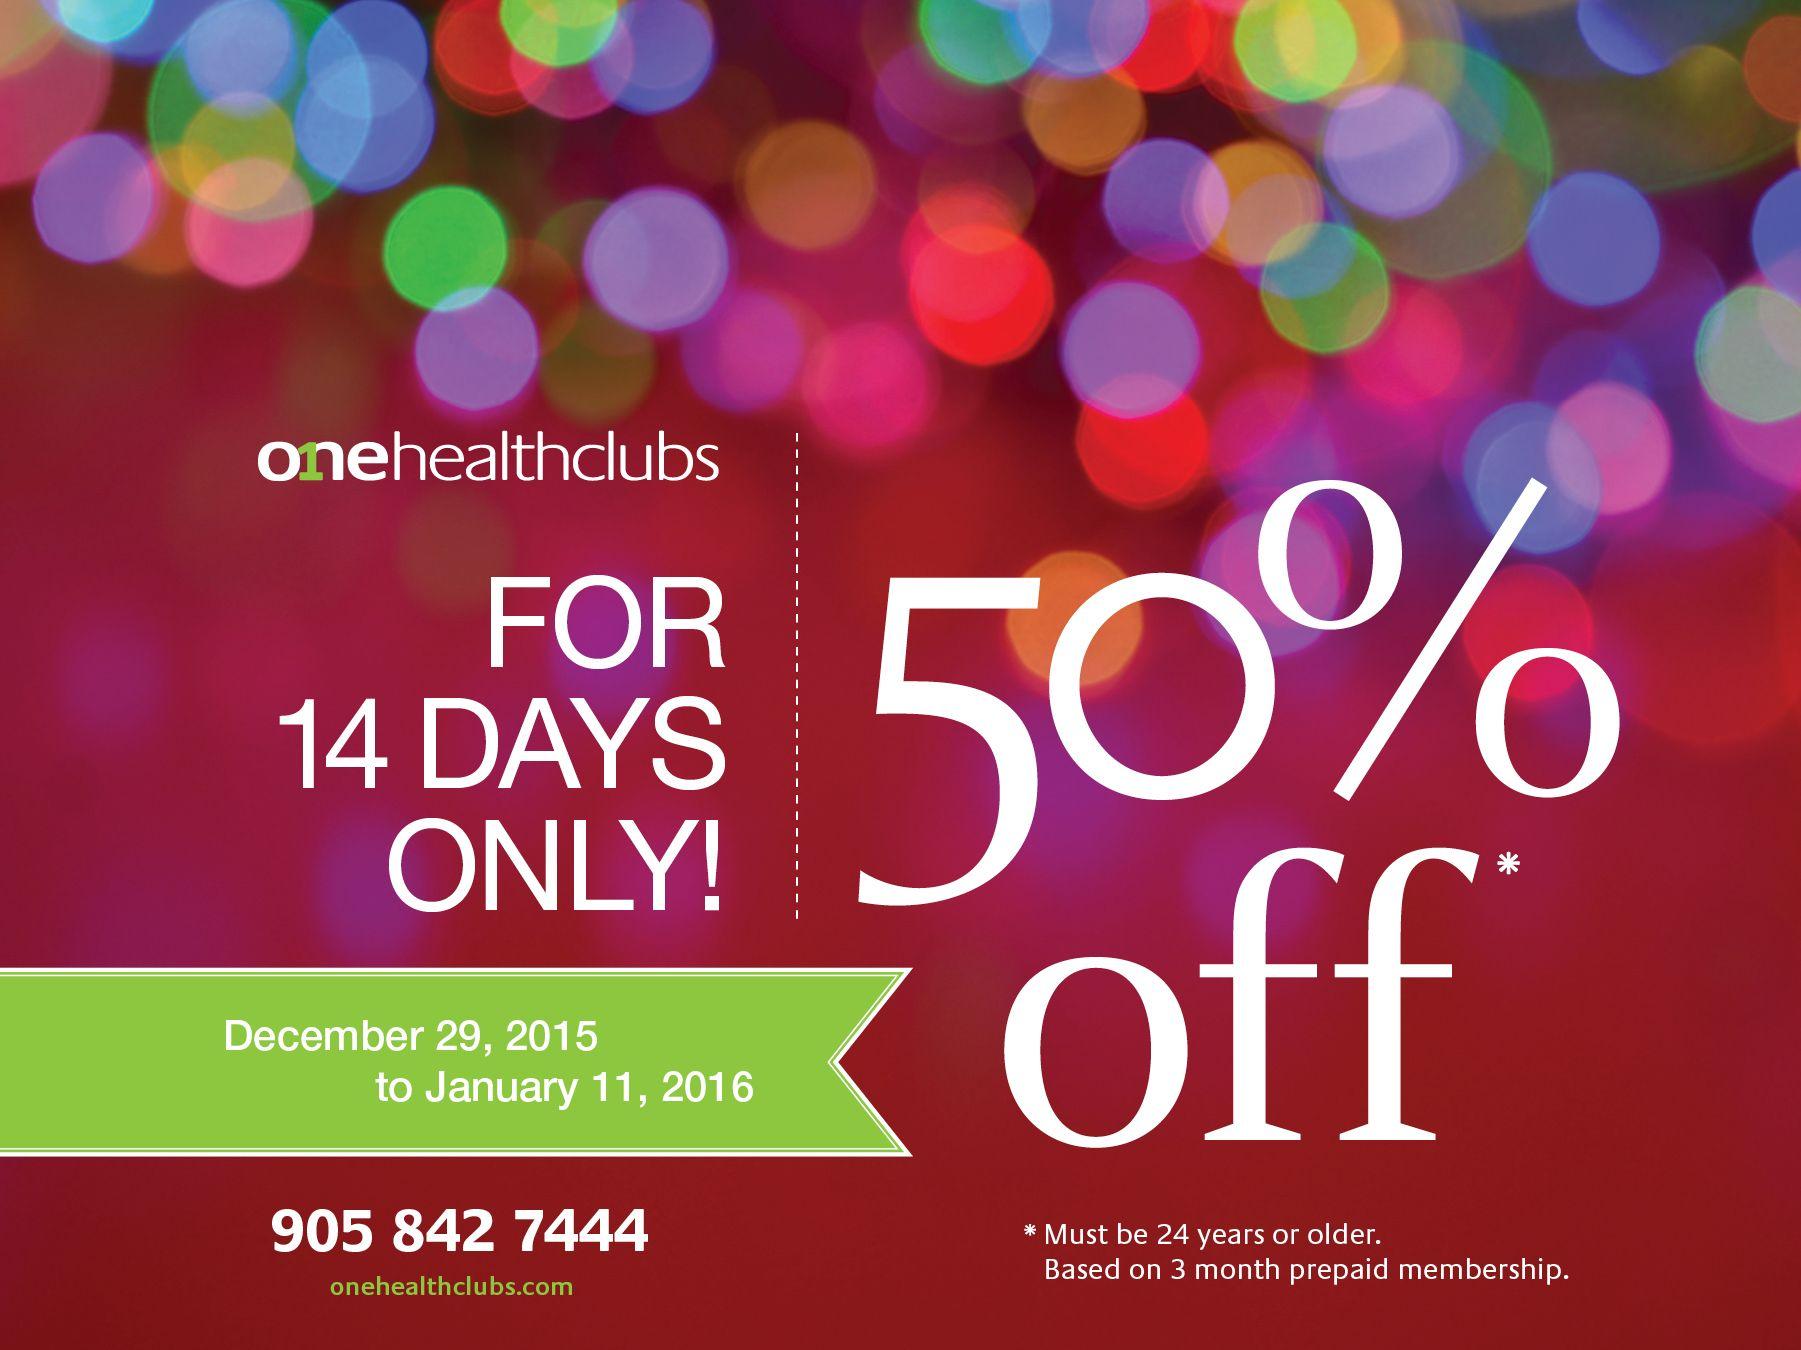 One Health Clubs